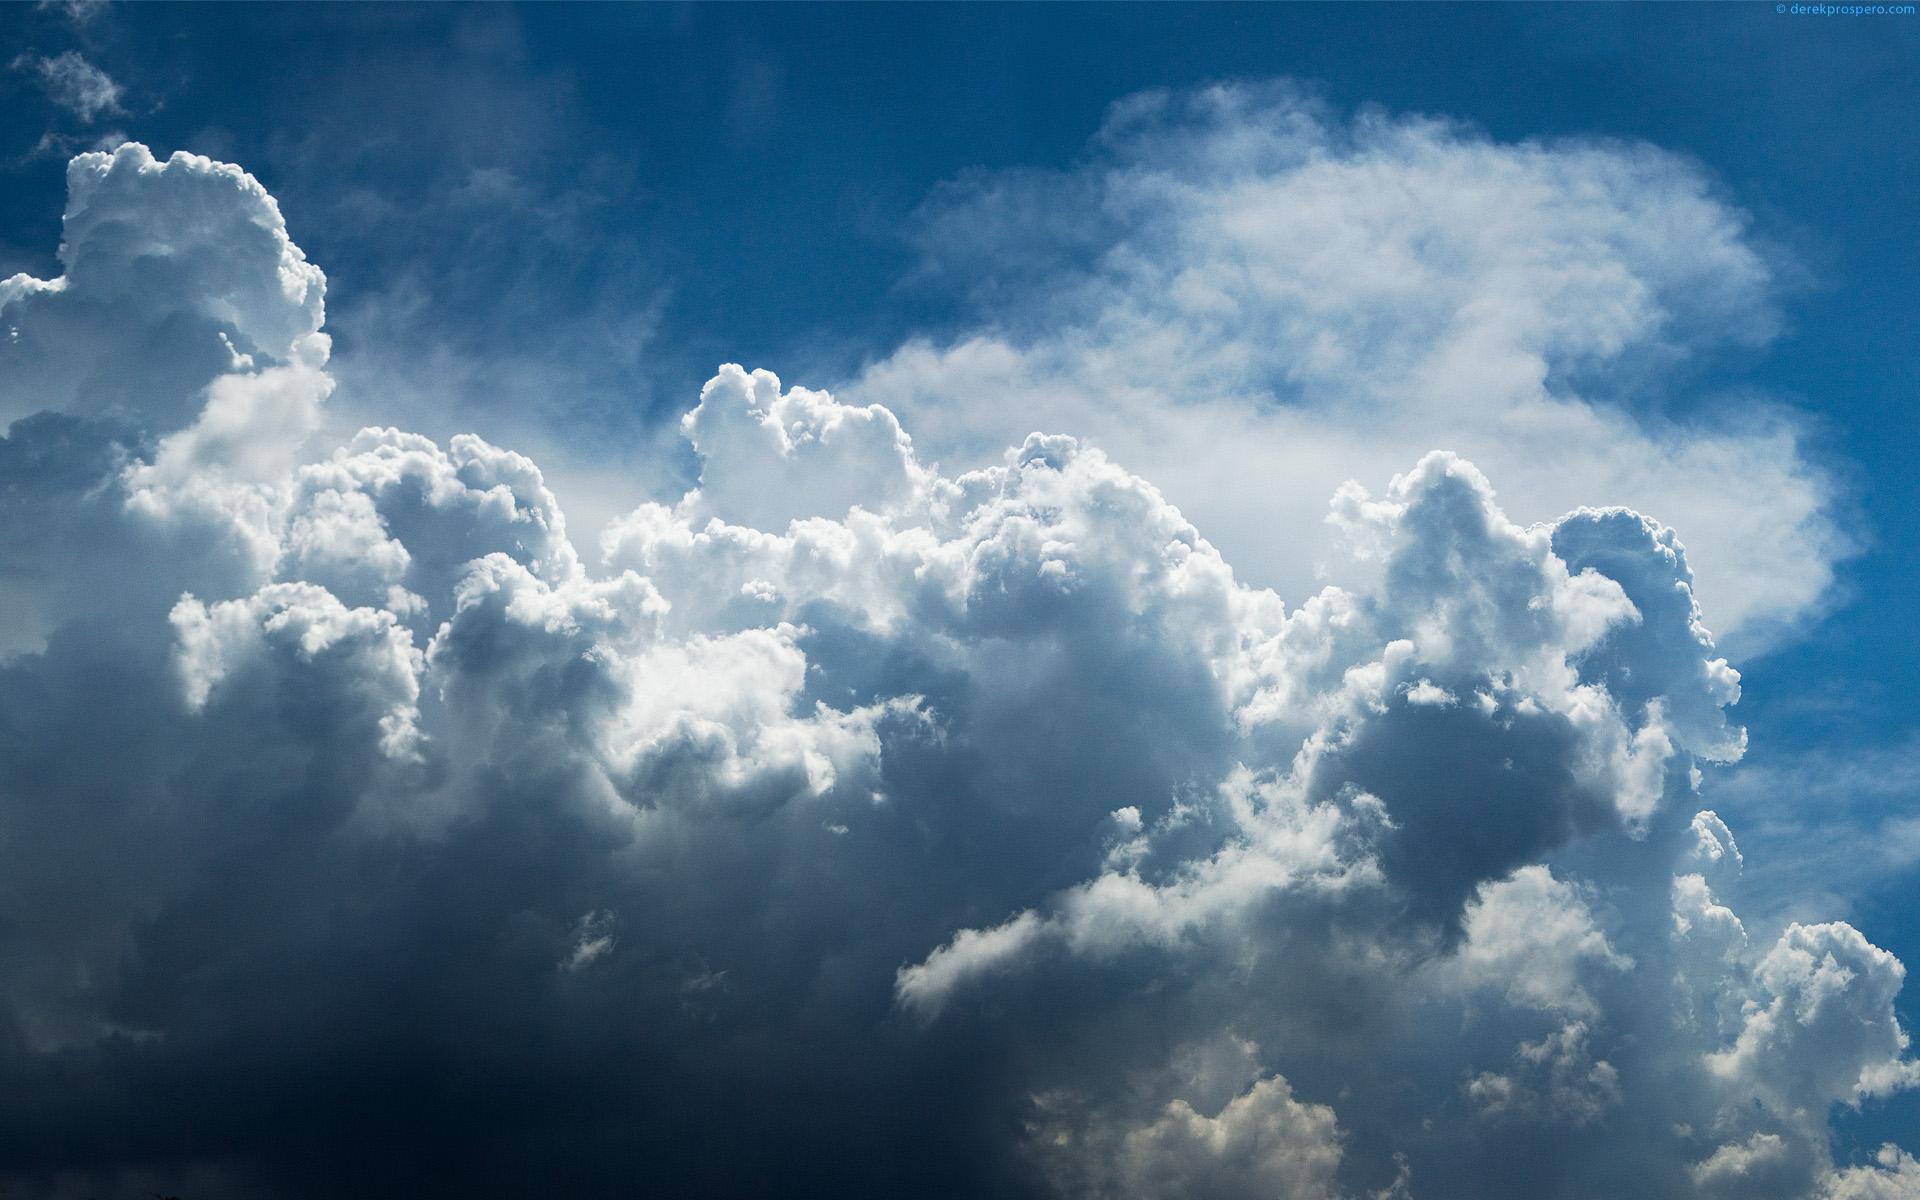 46 Cloud Wallpaper On Wallpapersafari